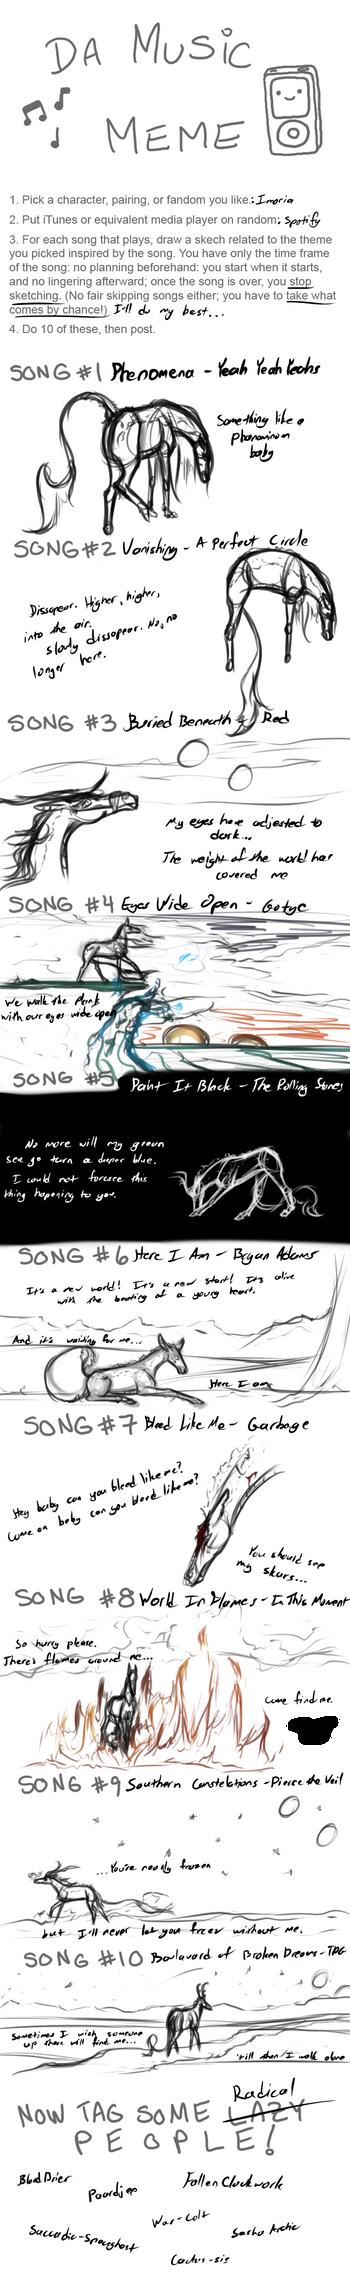 Music Meme - Imoria themed by NaporieRizia